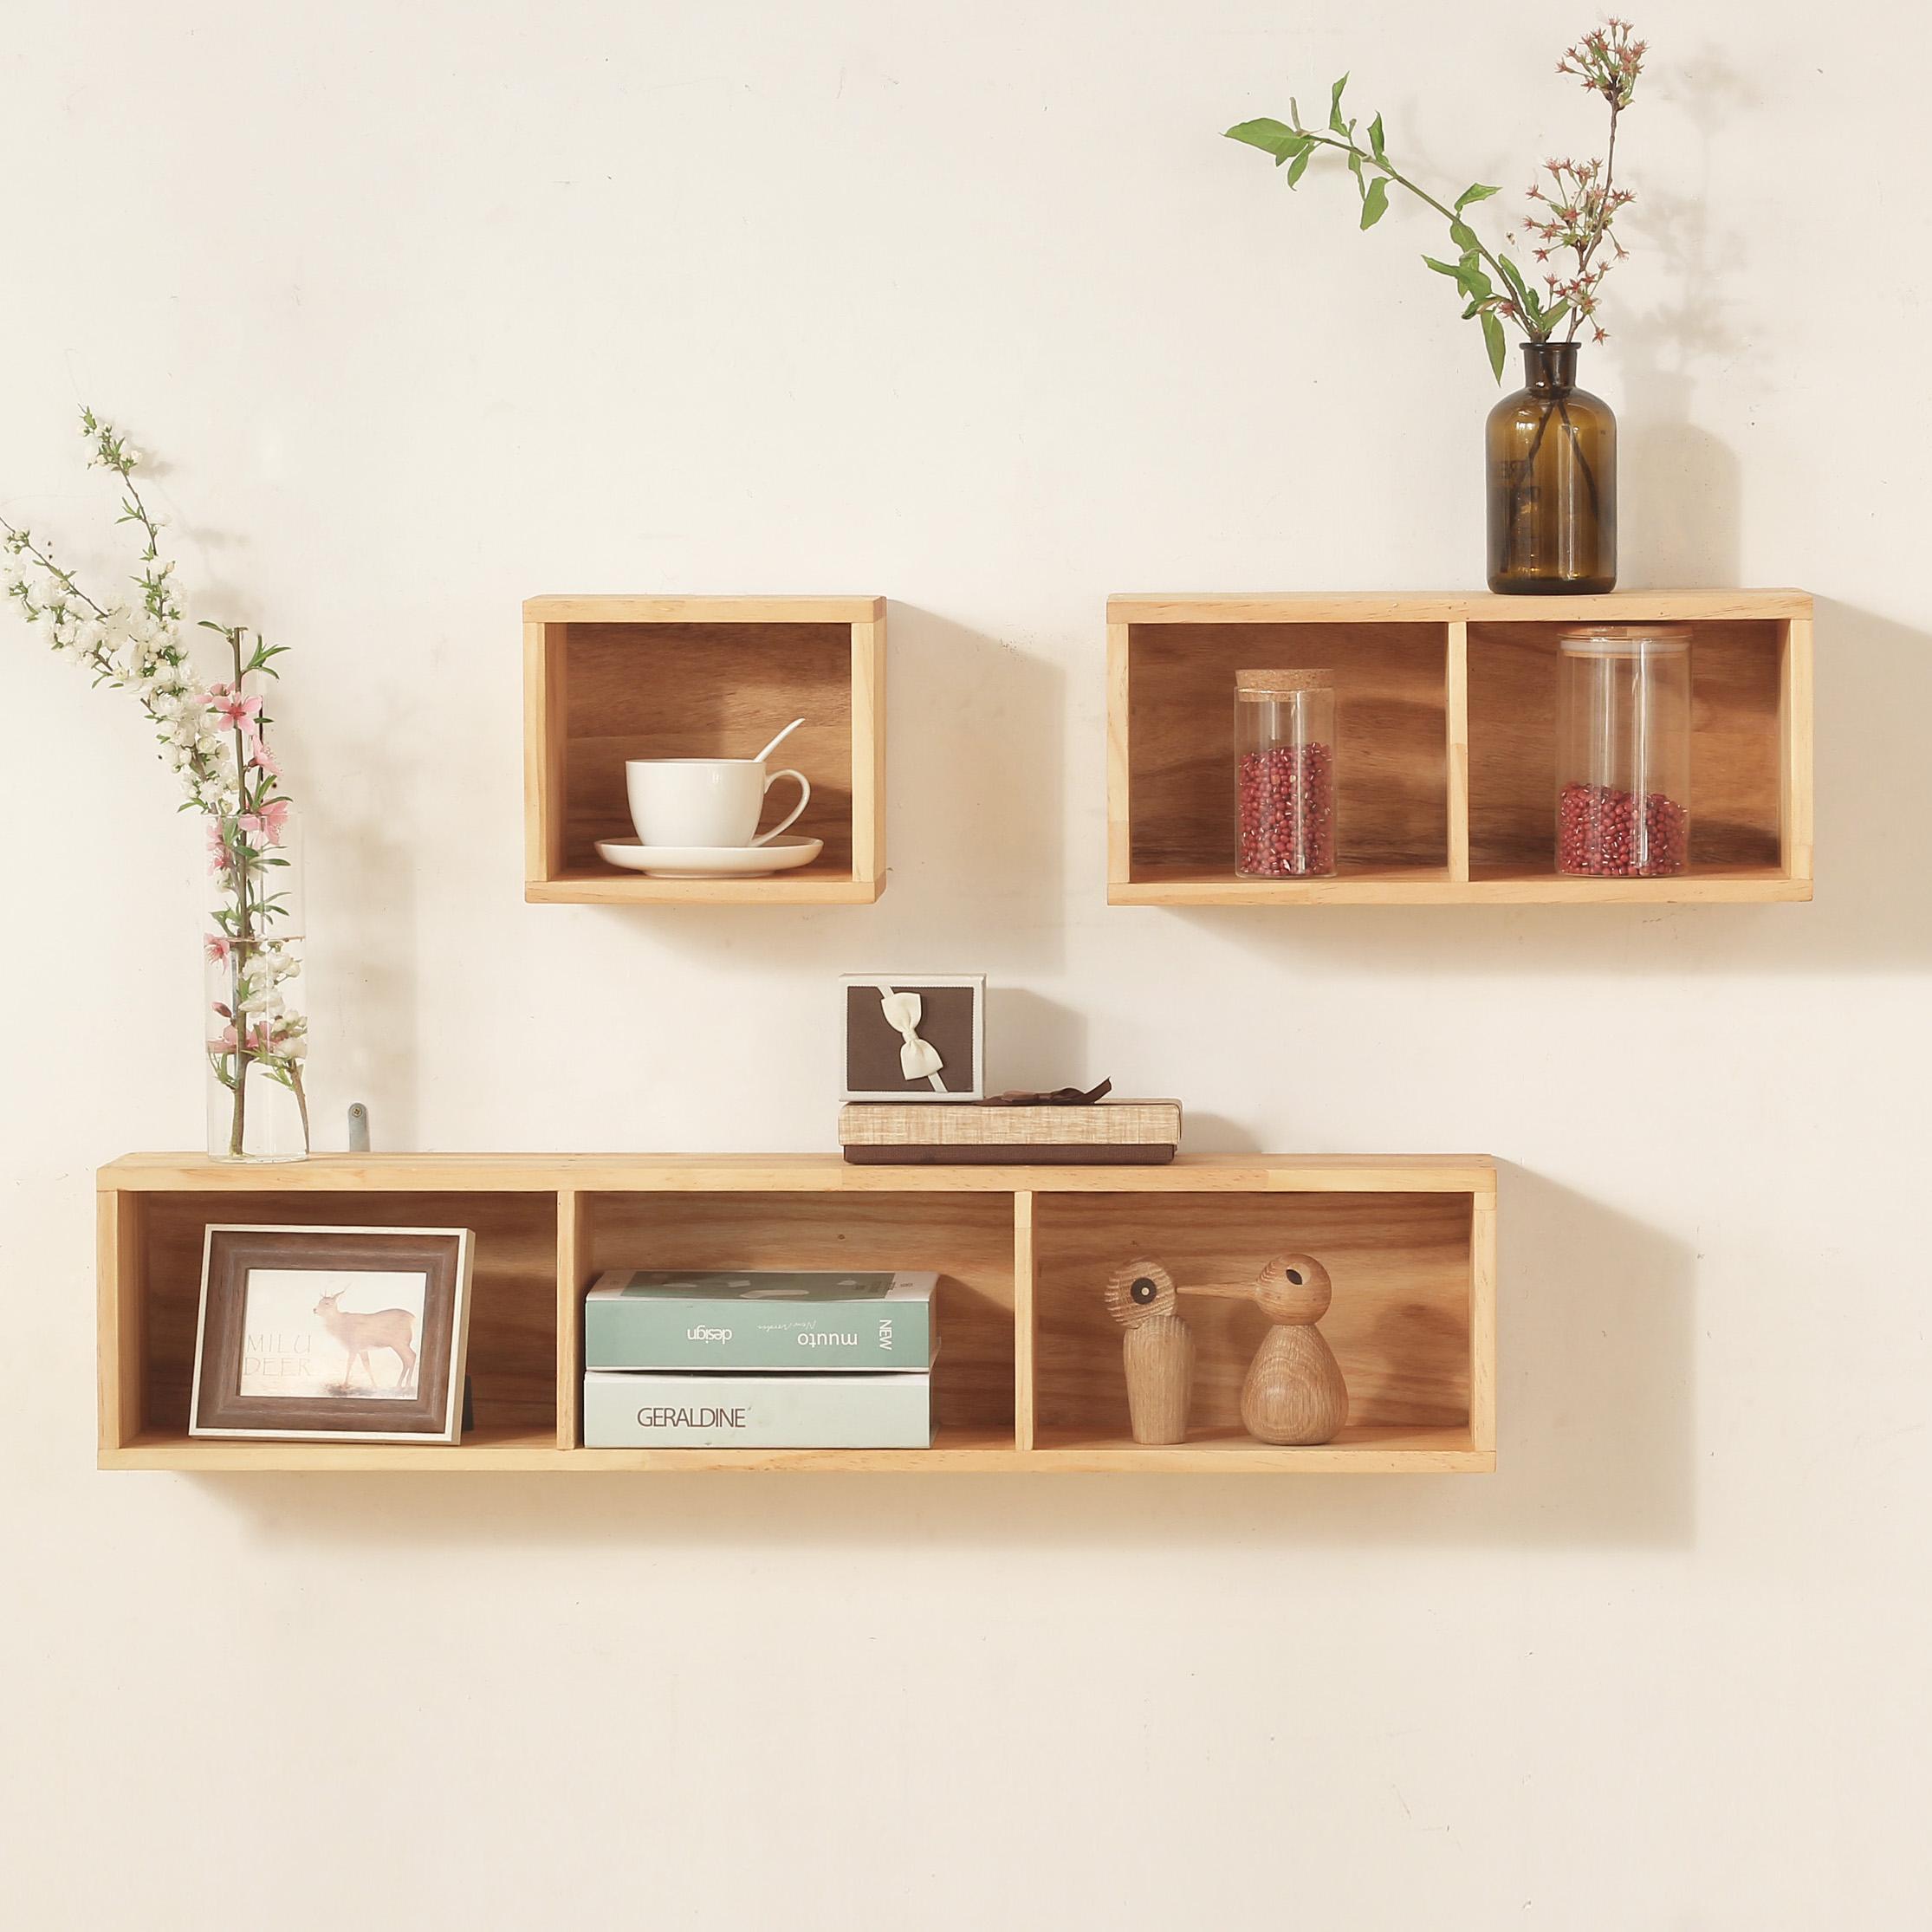 实木置物架壁挂 北欧客厅电视墙造型置物架子创意格子 书架置物架图片